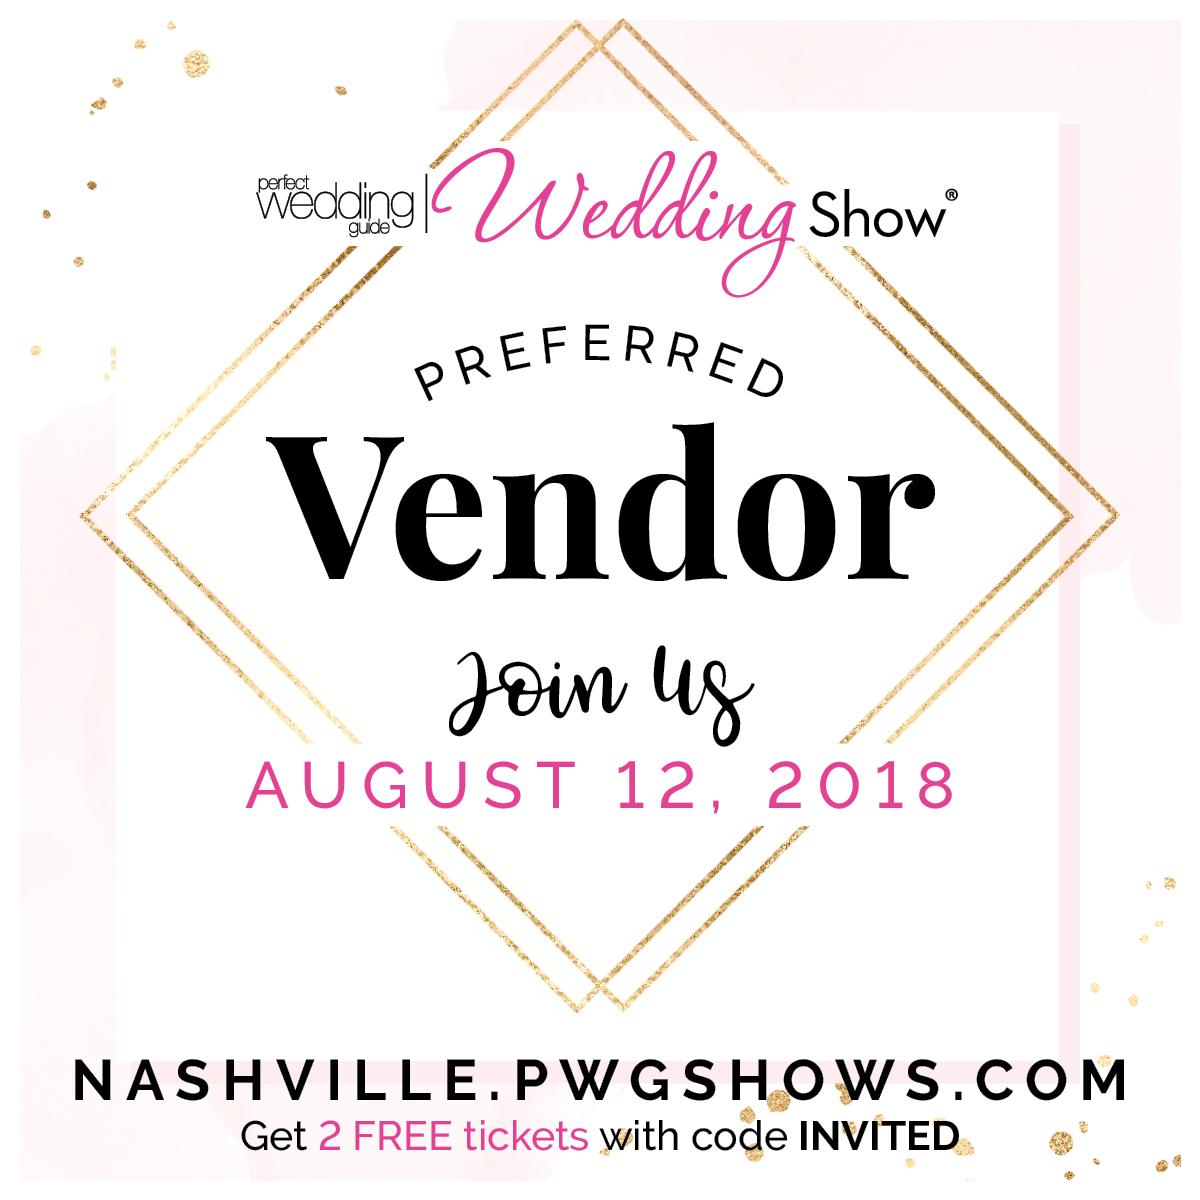 NASH-2018-8-12 ShowBadge-Vendor.jpg